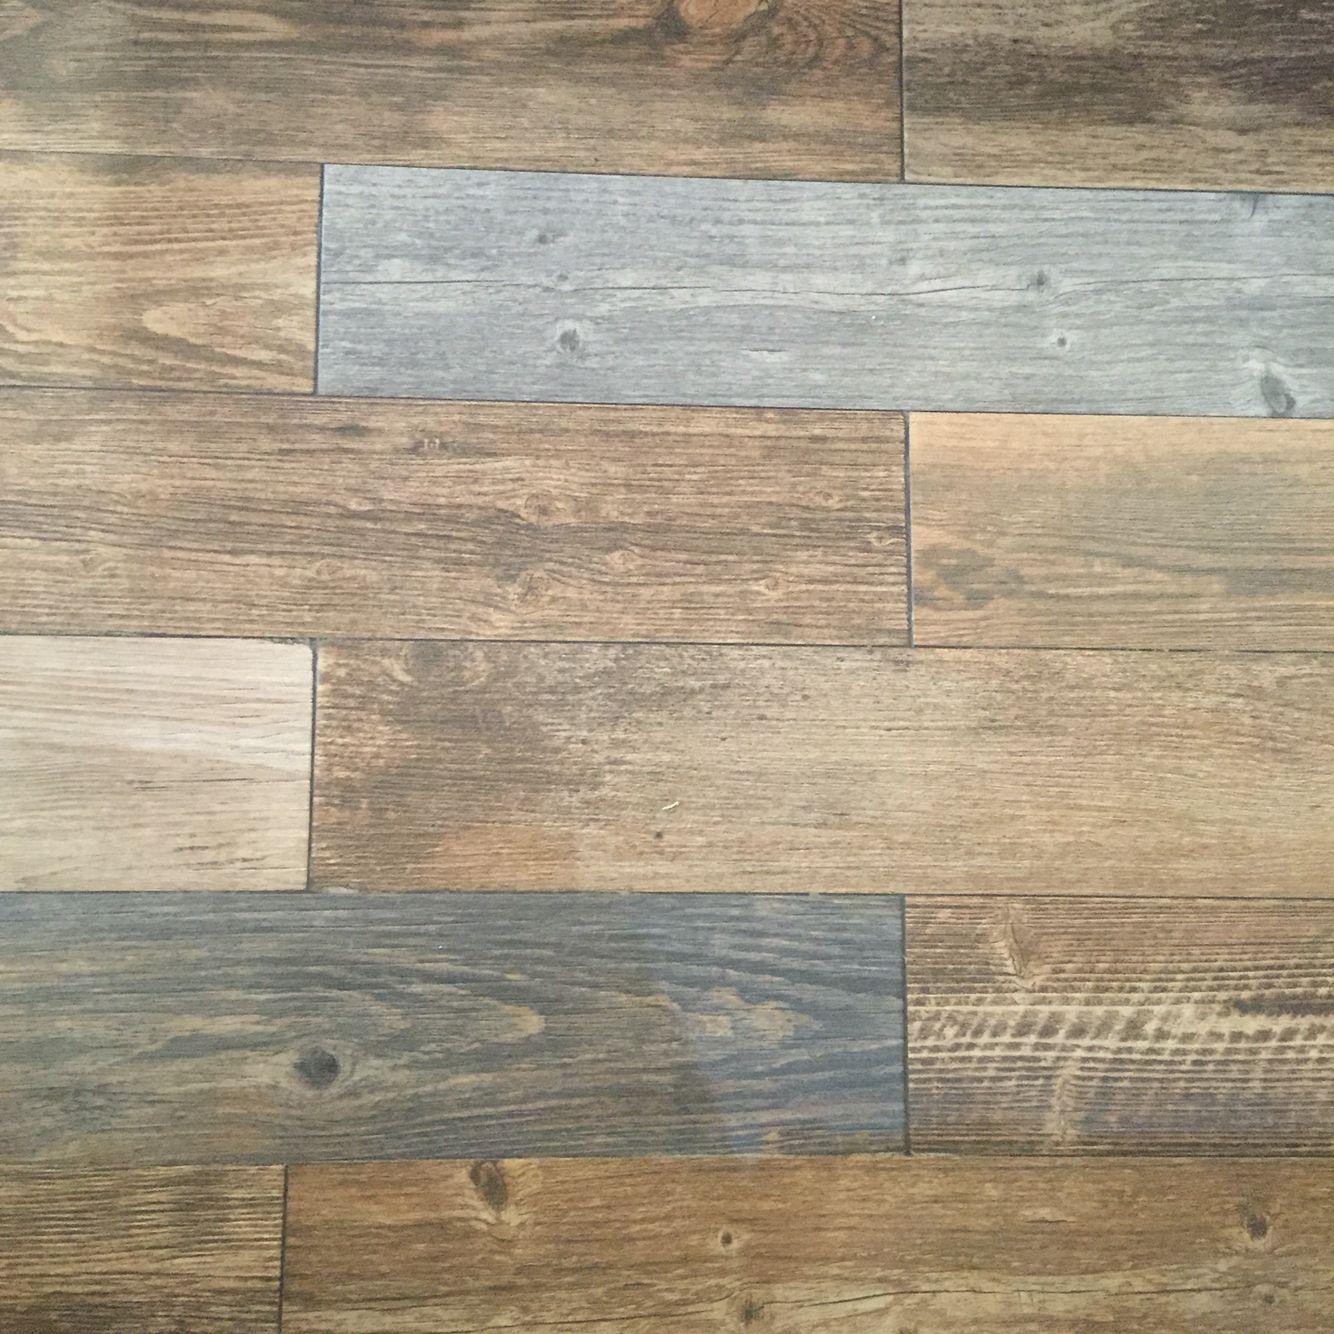 Piso de cer mica imitaci n madera textures pinterest for Piso imitacion madera